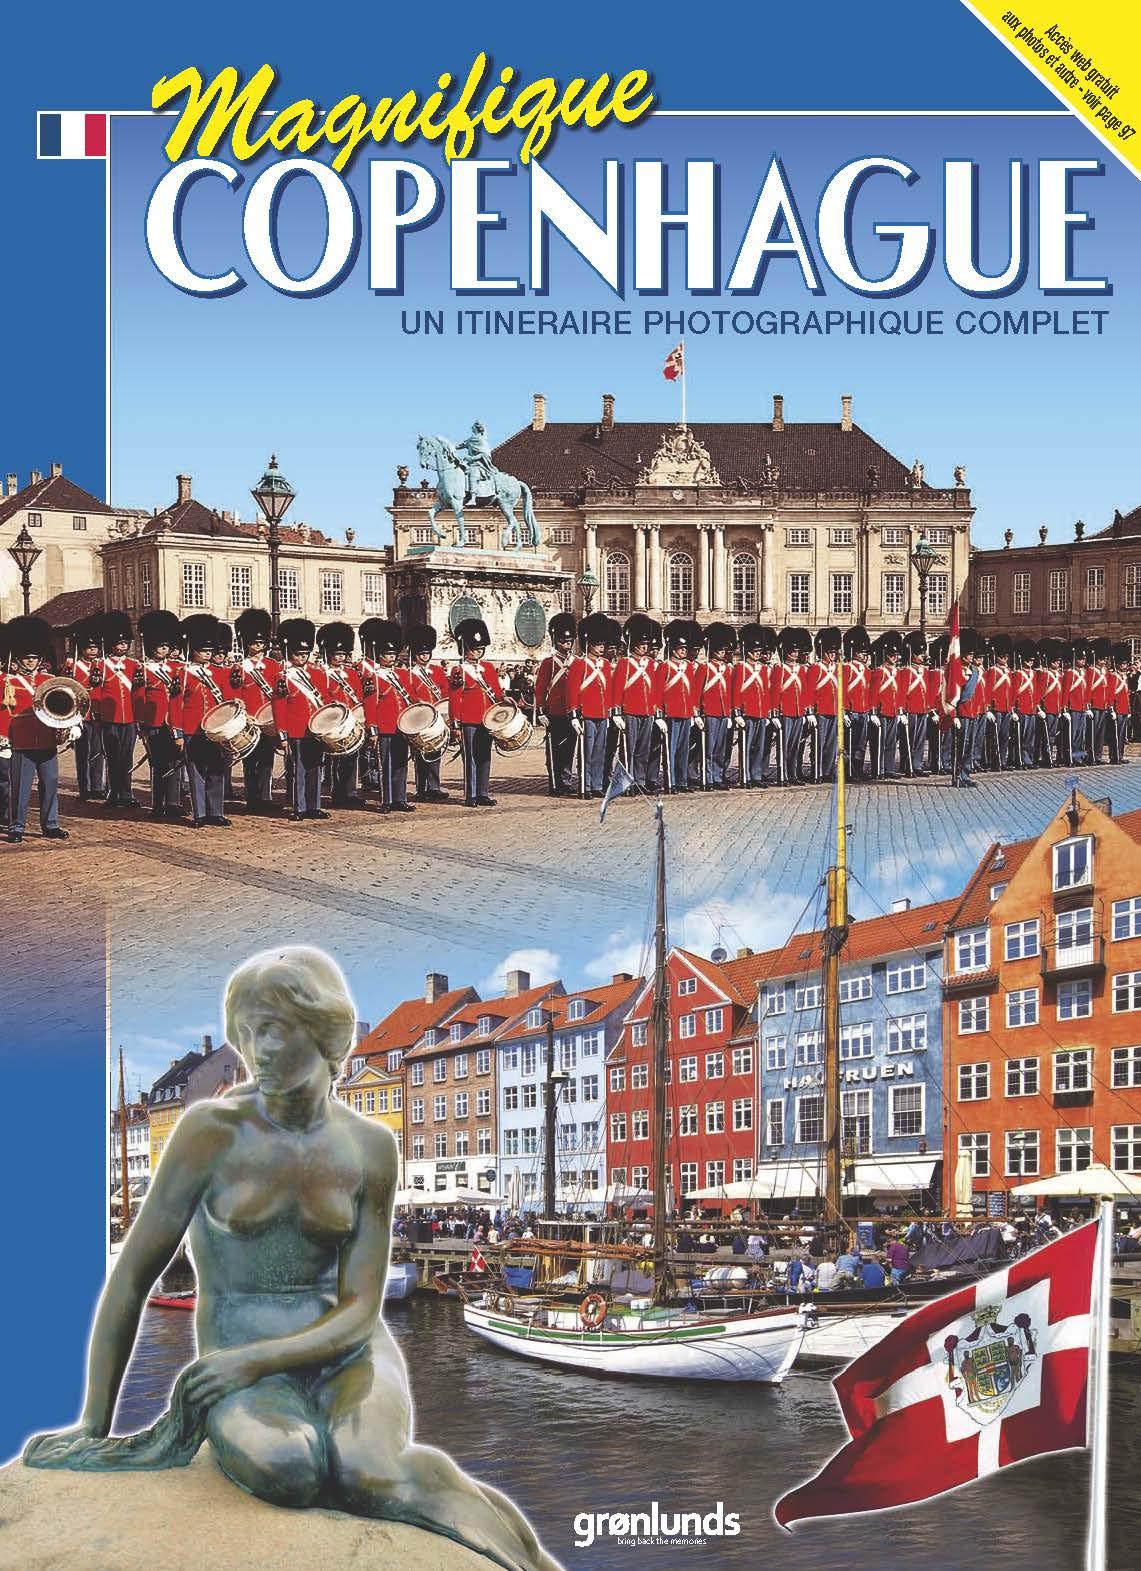 Magnifique Copenhague, Fransk (2014)